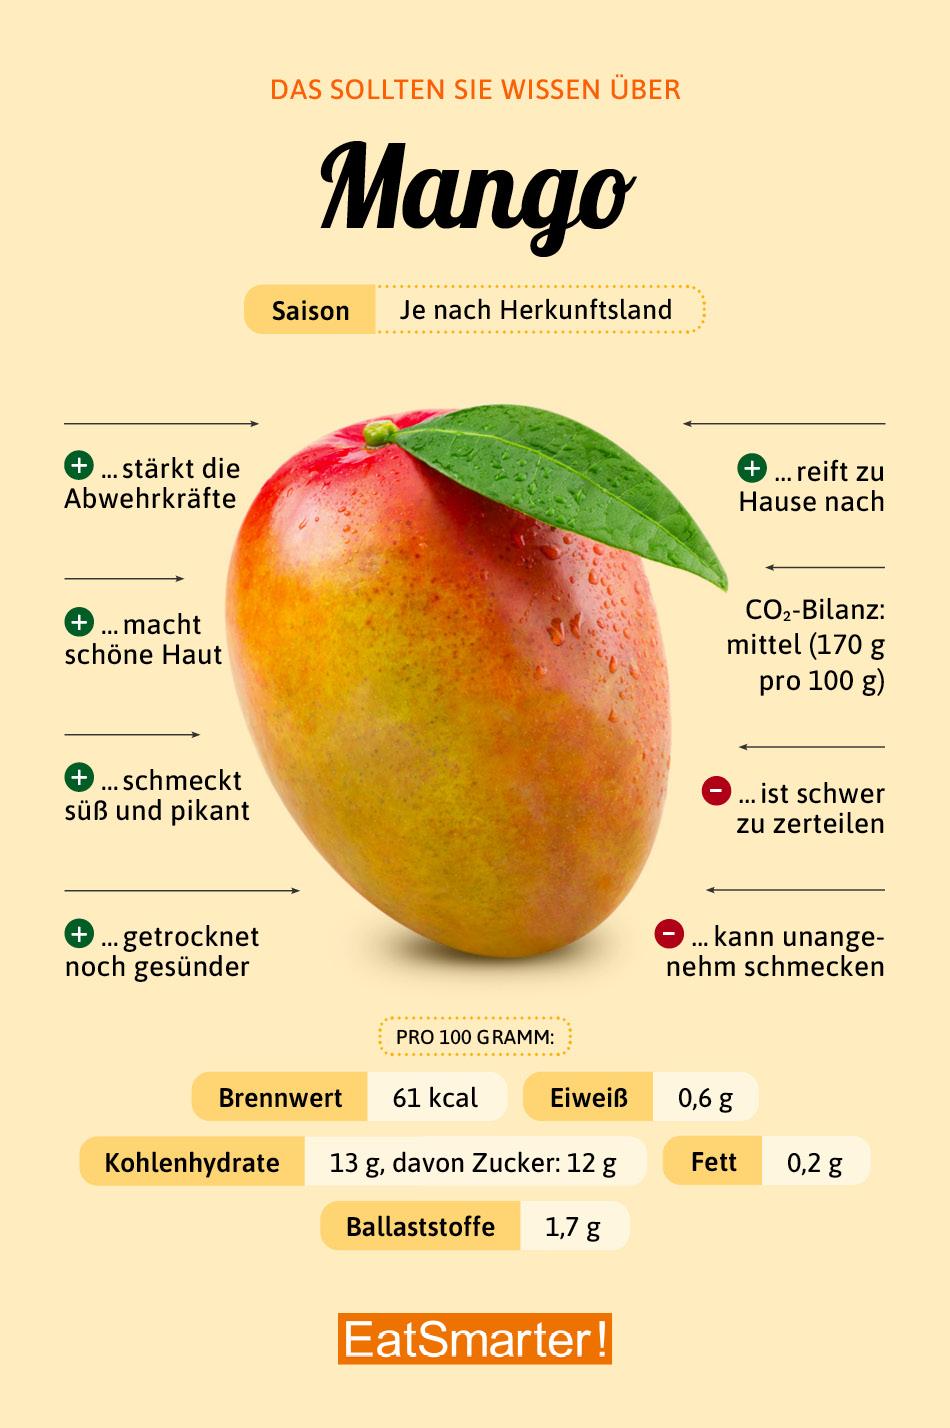 Warenkunde Mango